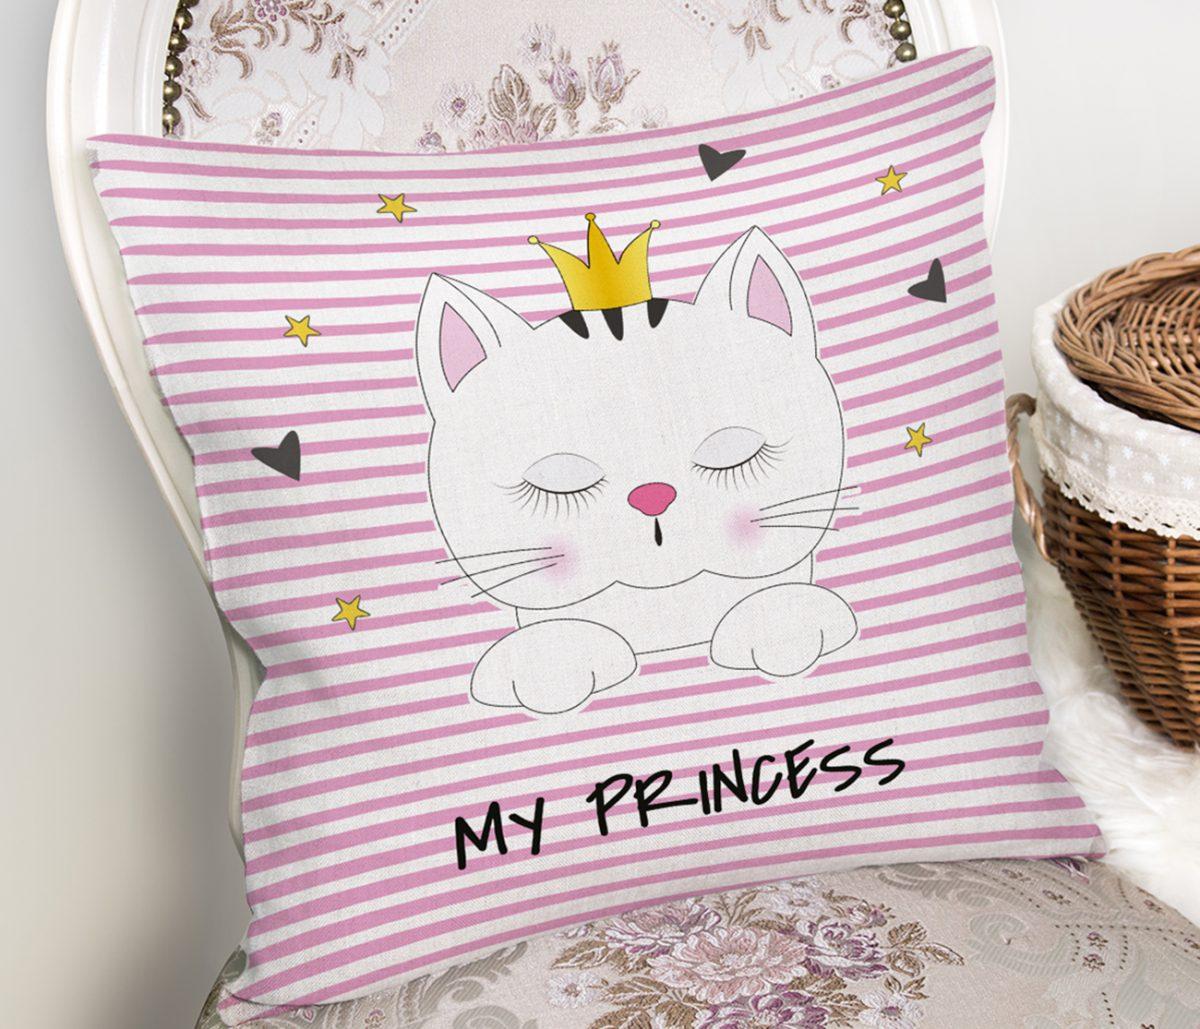 My Princess Pembe Çizgiler Üzerinde Taçlı Kedicik Yastık Kılıfı Realhomes